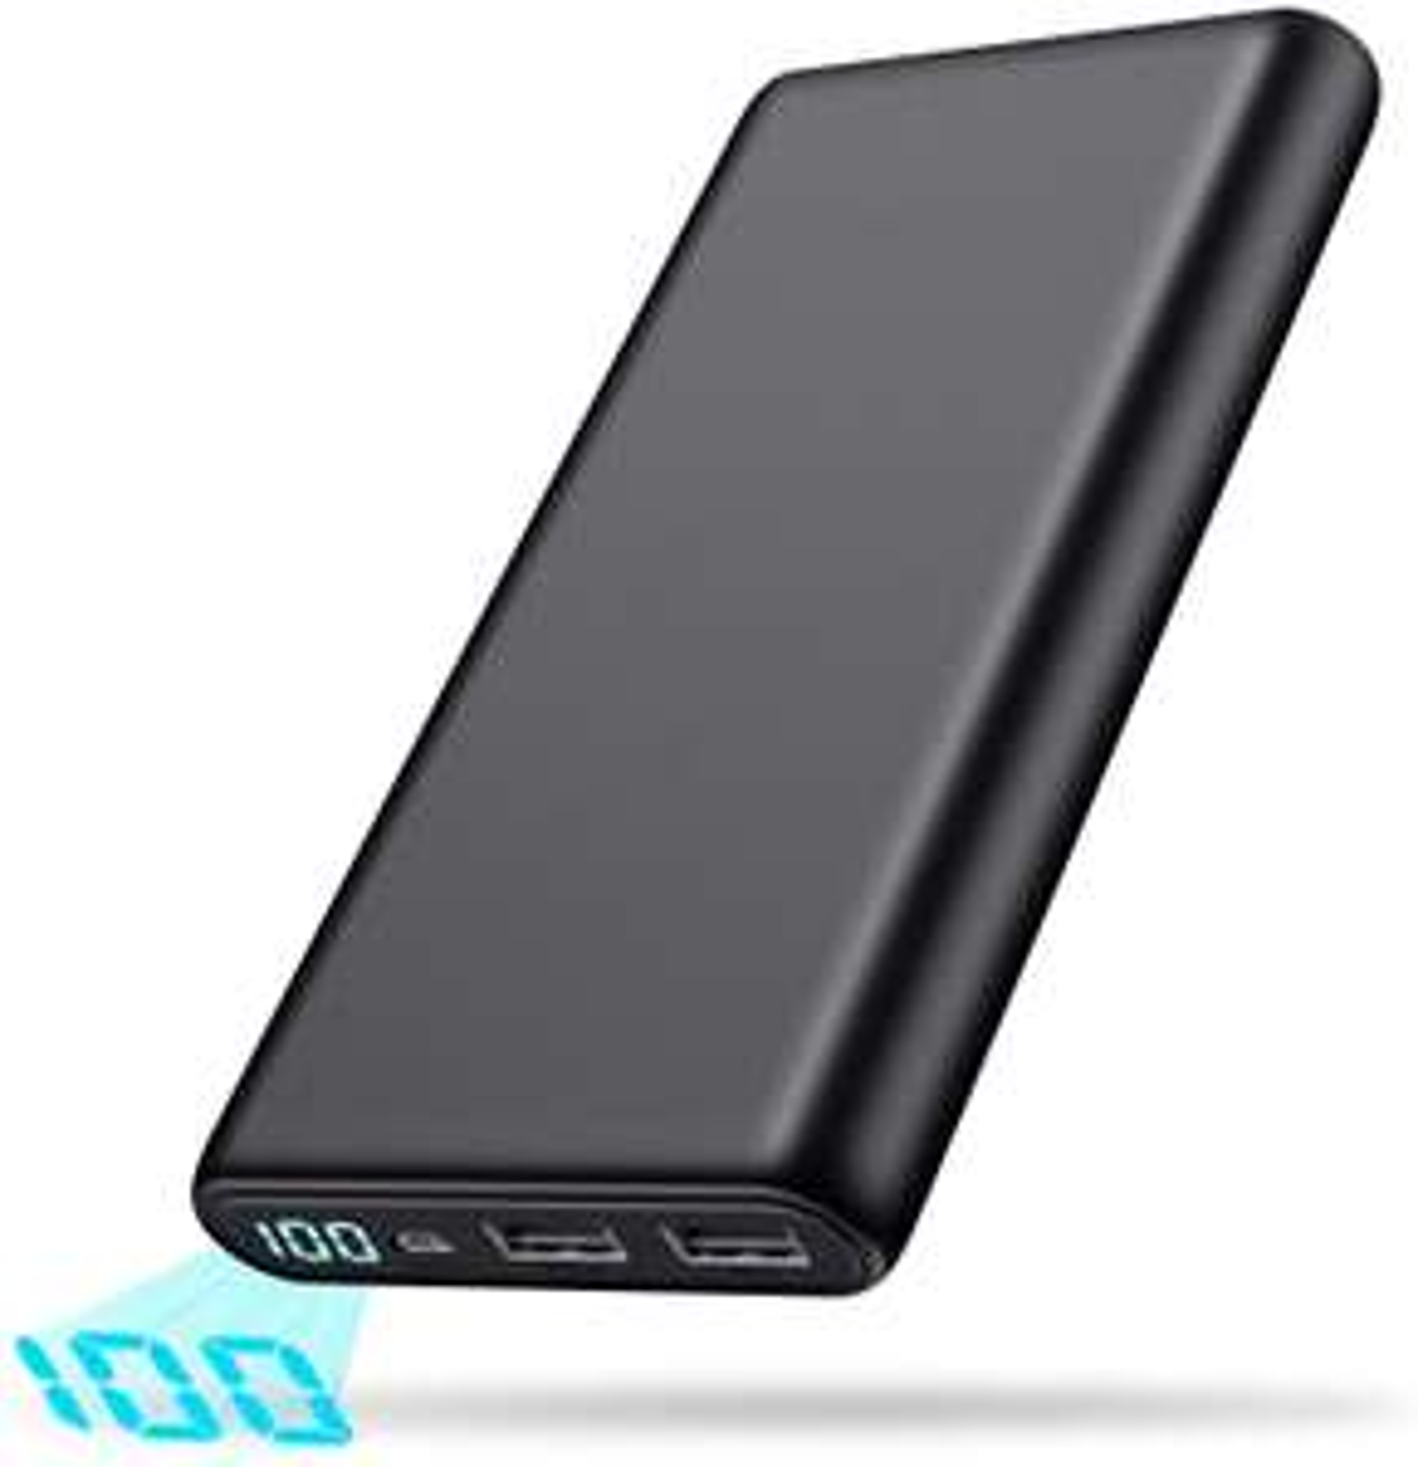 Powerbank 2 USB 24800mAh 12.7€